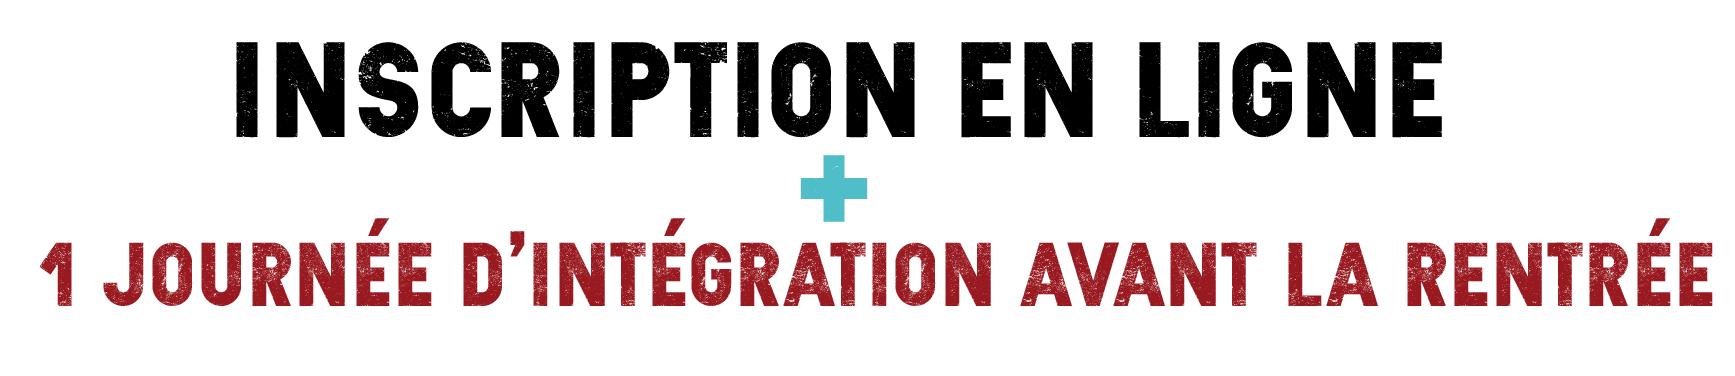 Inscription en ligne + 1 journée d'intégration avant la rentrée